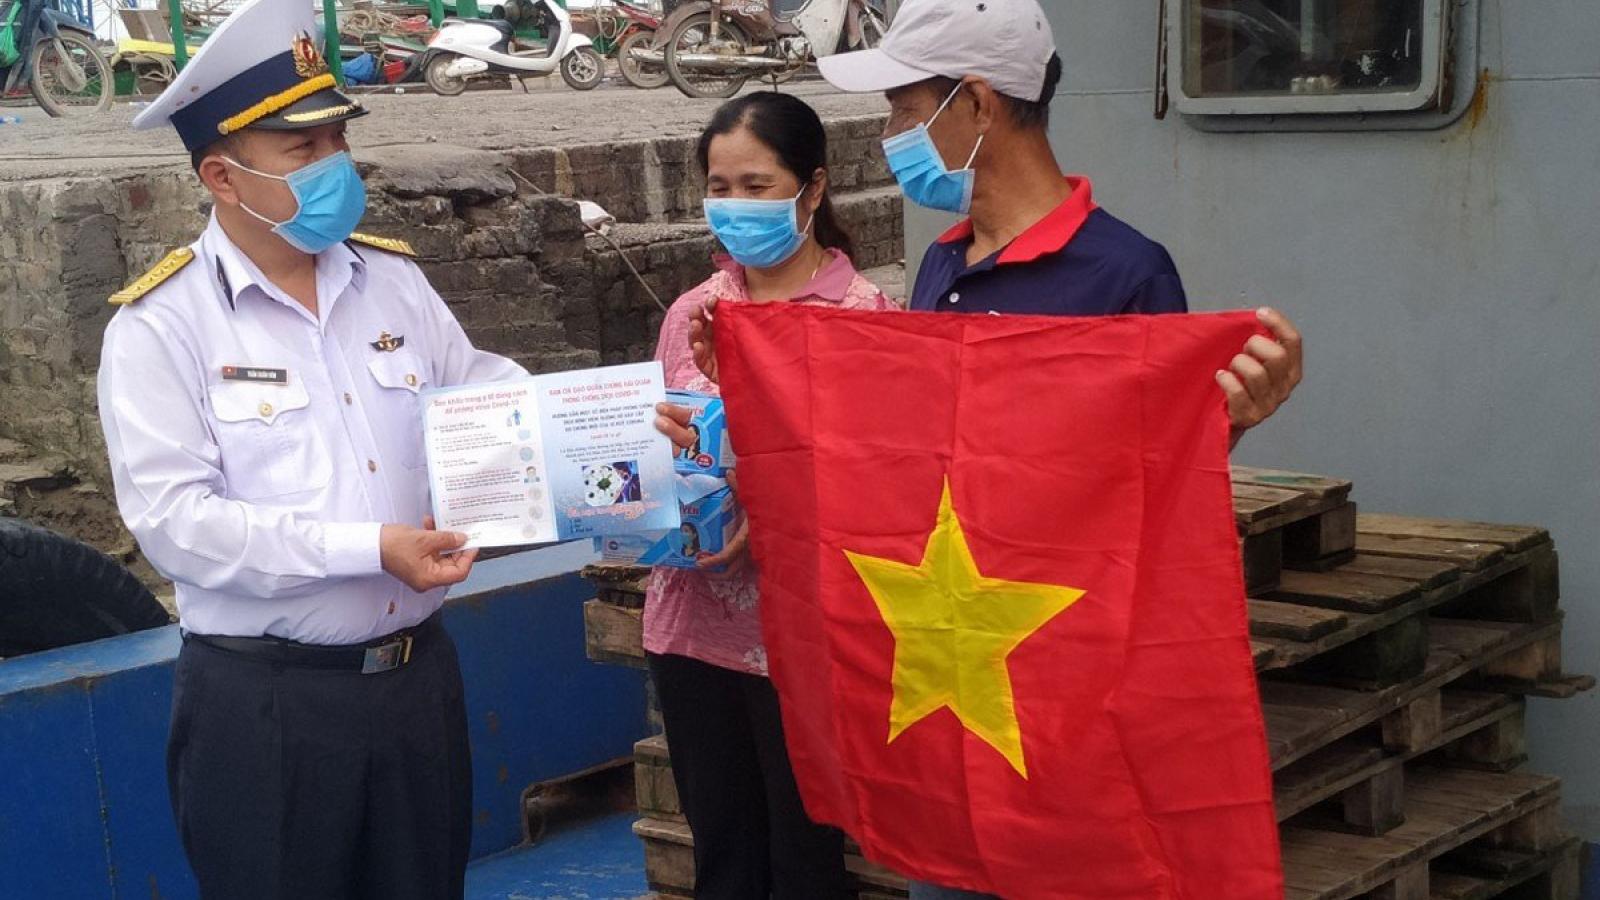 Lính Hải quân, điểm tựa vững chắc cho ngư dân vươn khơi bám biển